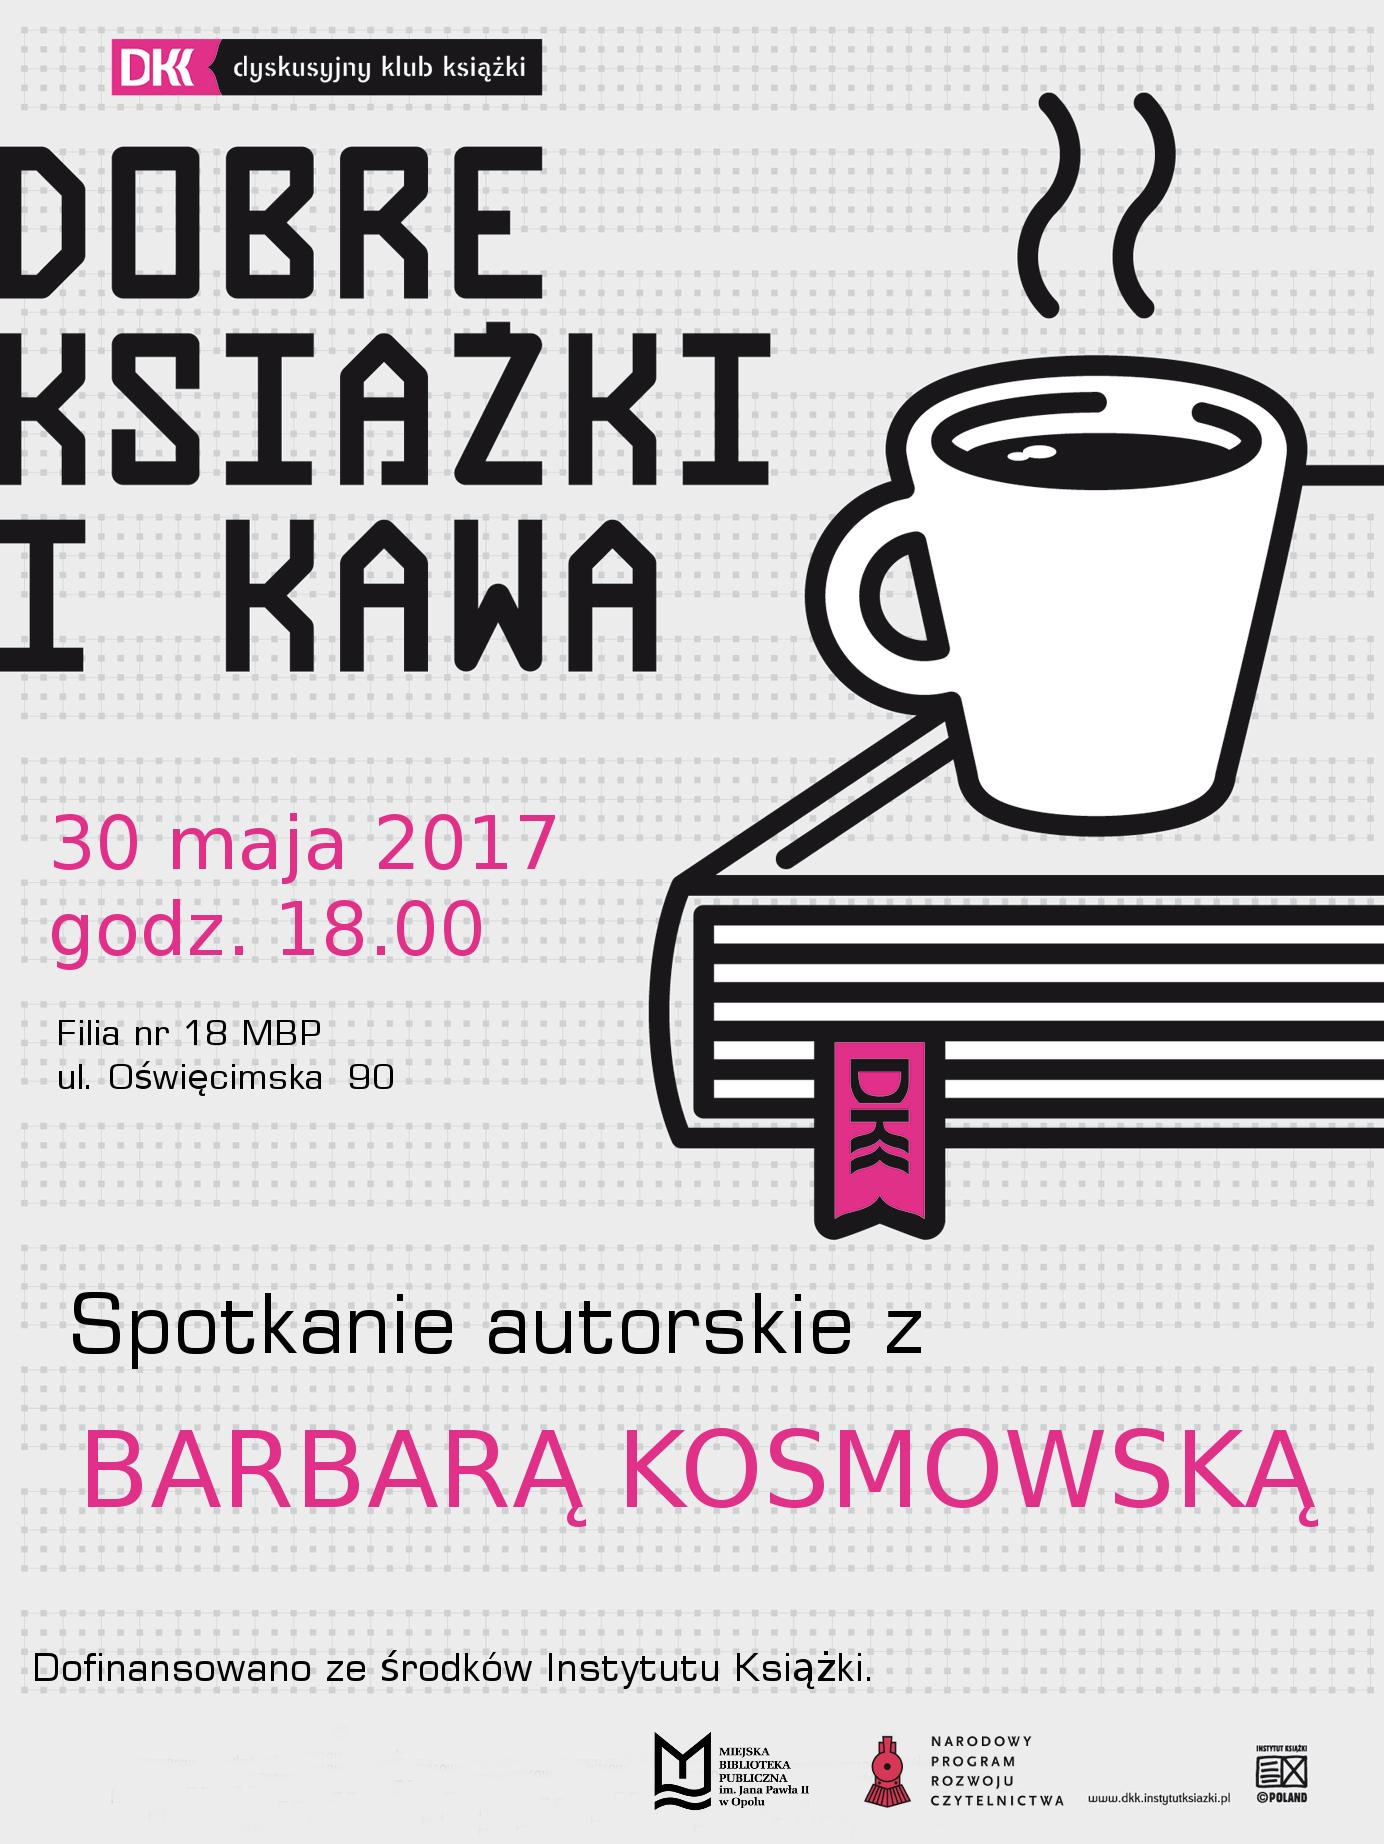 Barbara Kosmowska – spotkanie autorskie w ramach Dyskusyjnego Klubu Książki